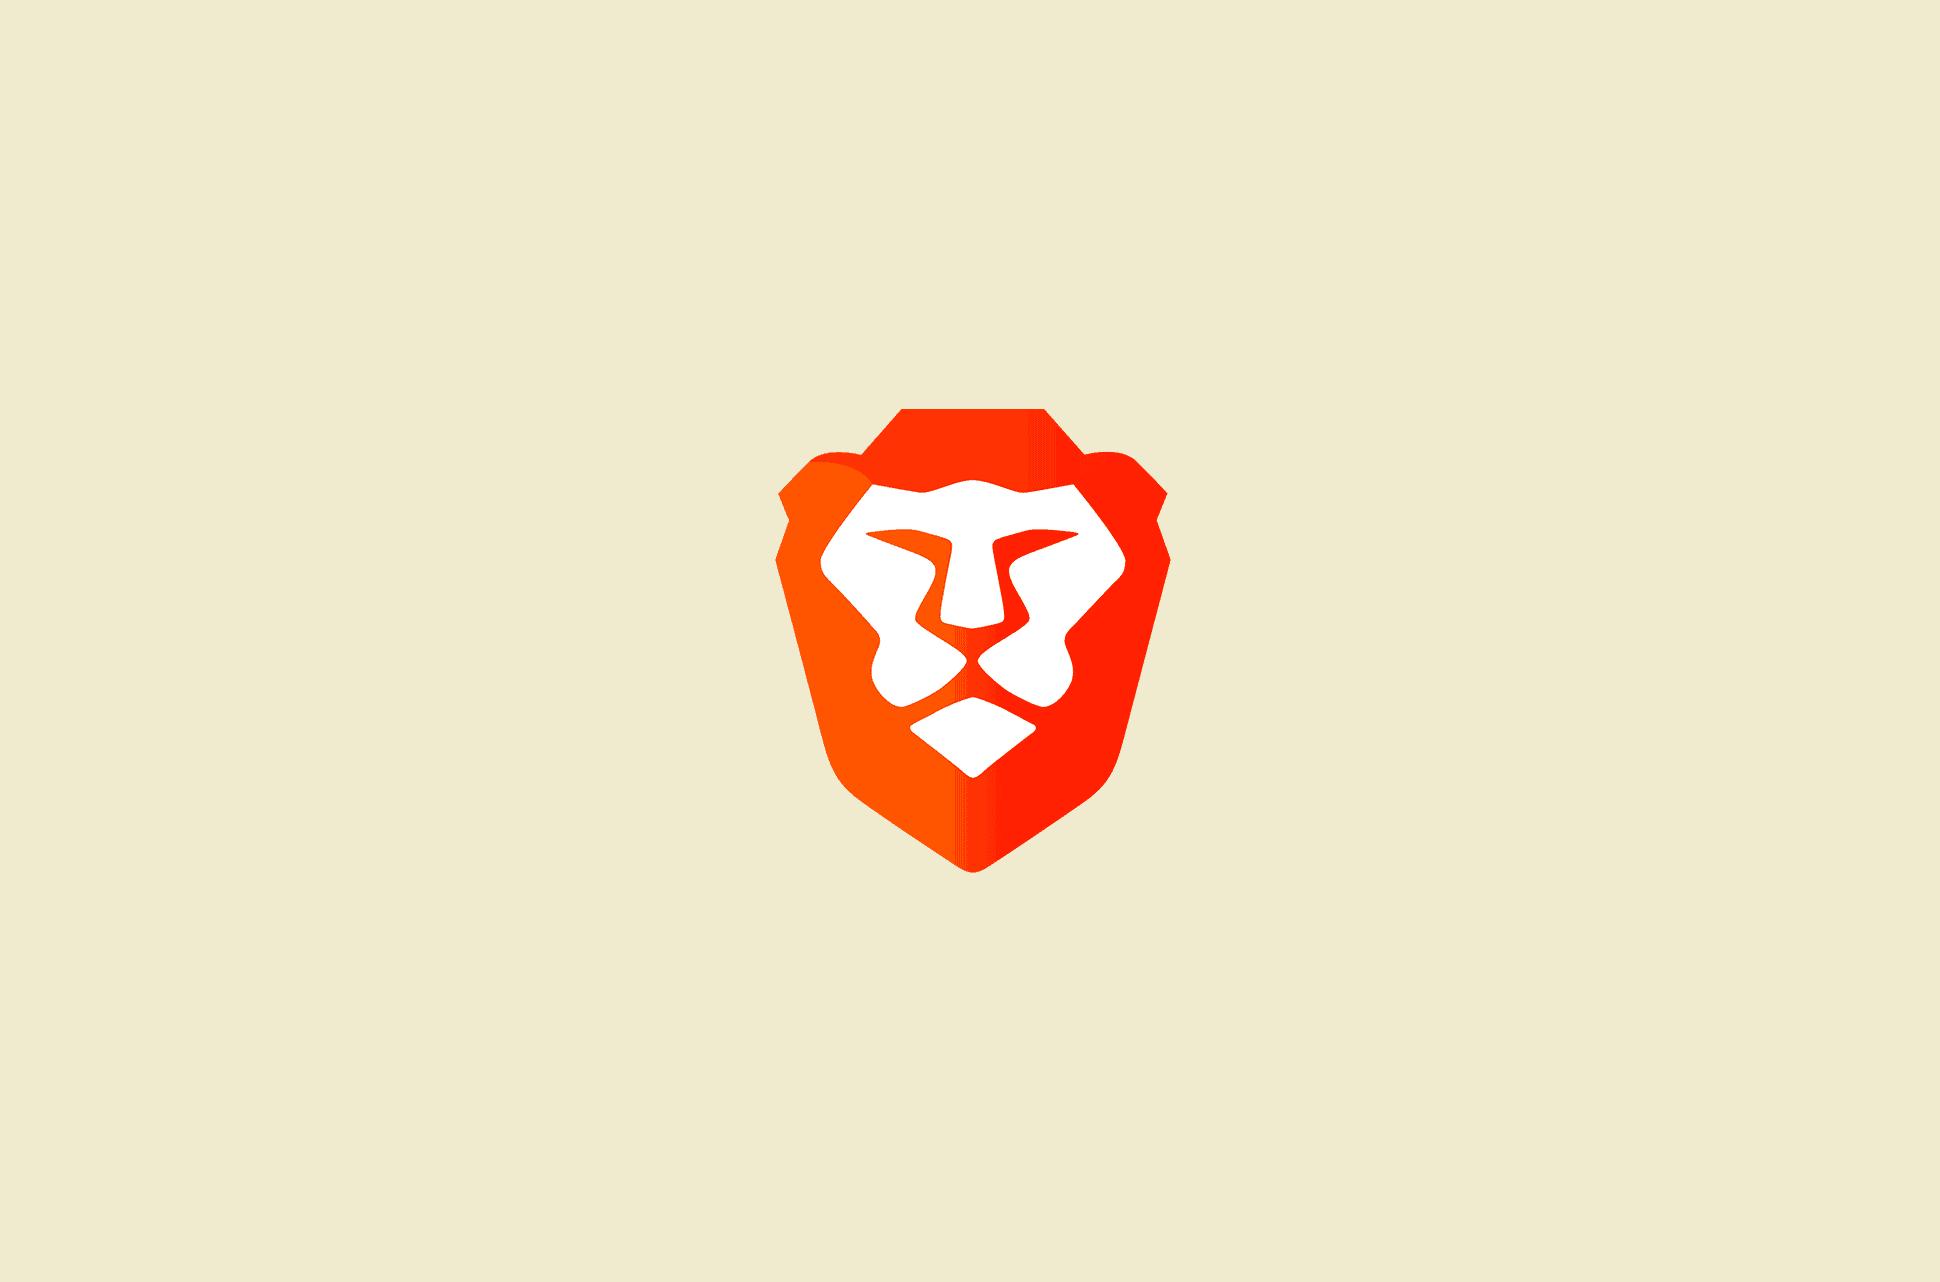 Brave browser logo.